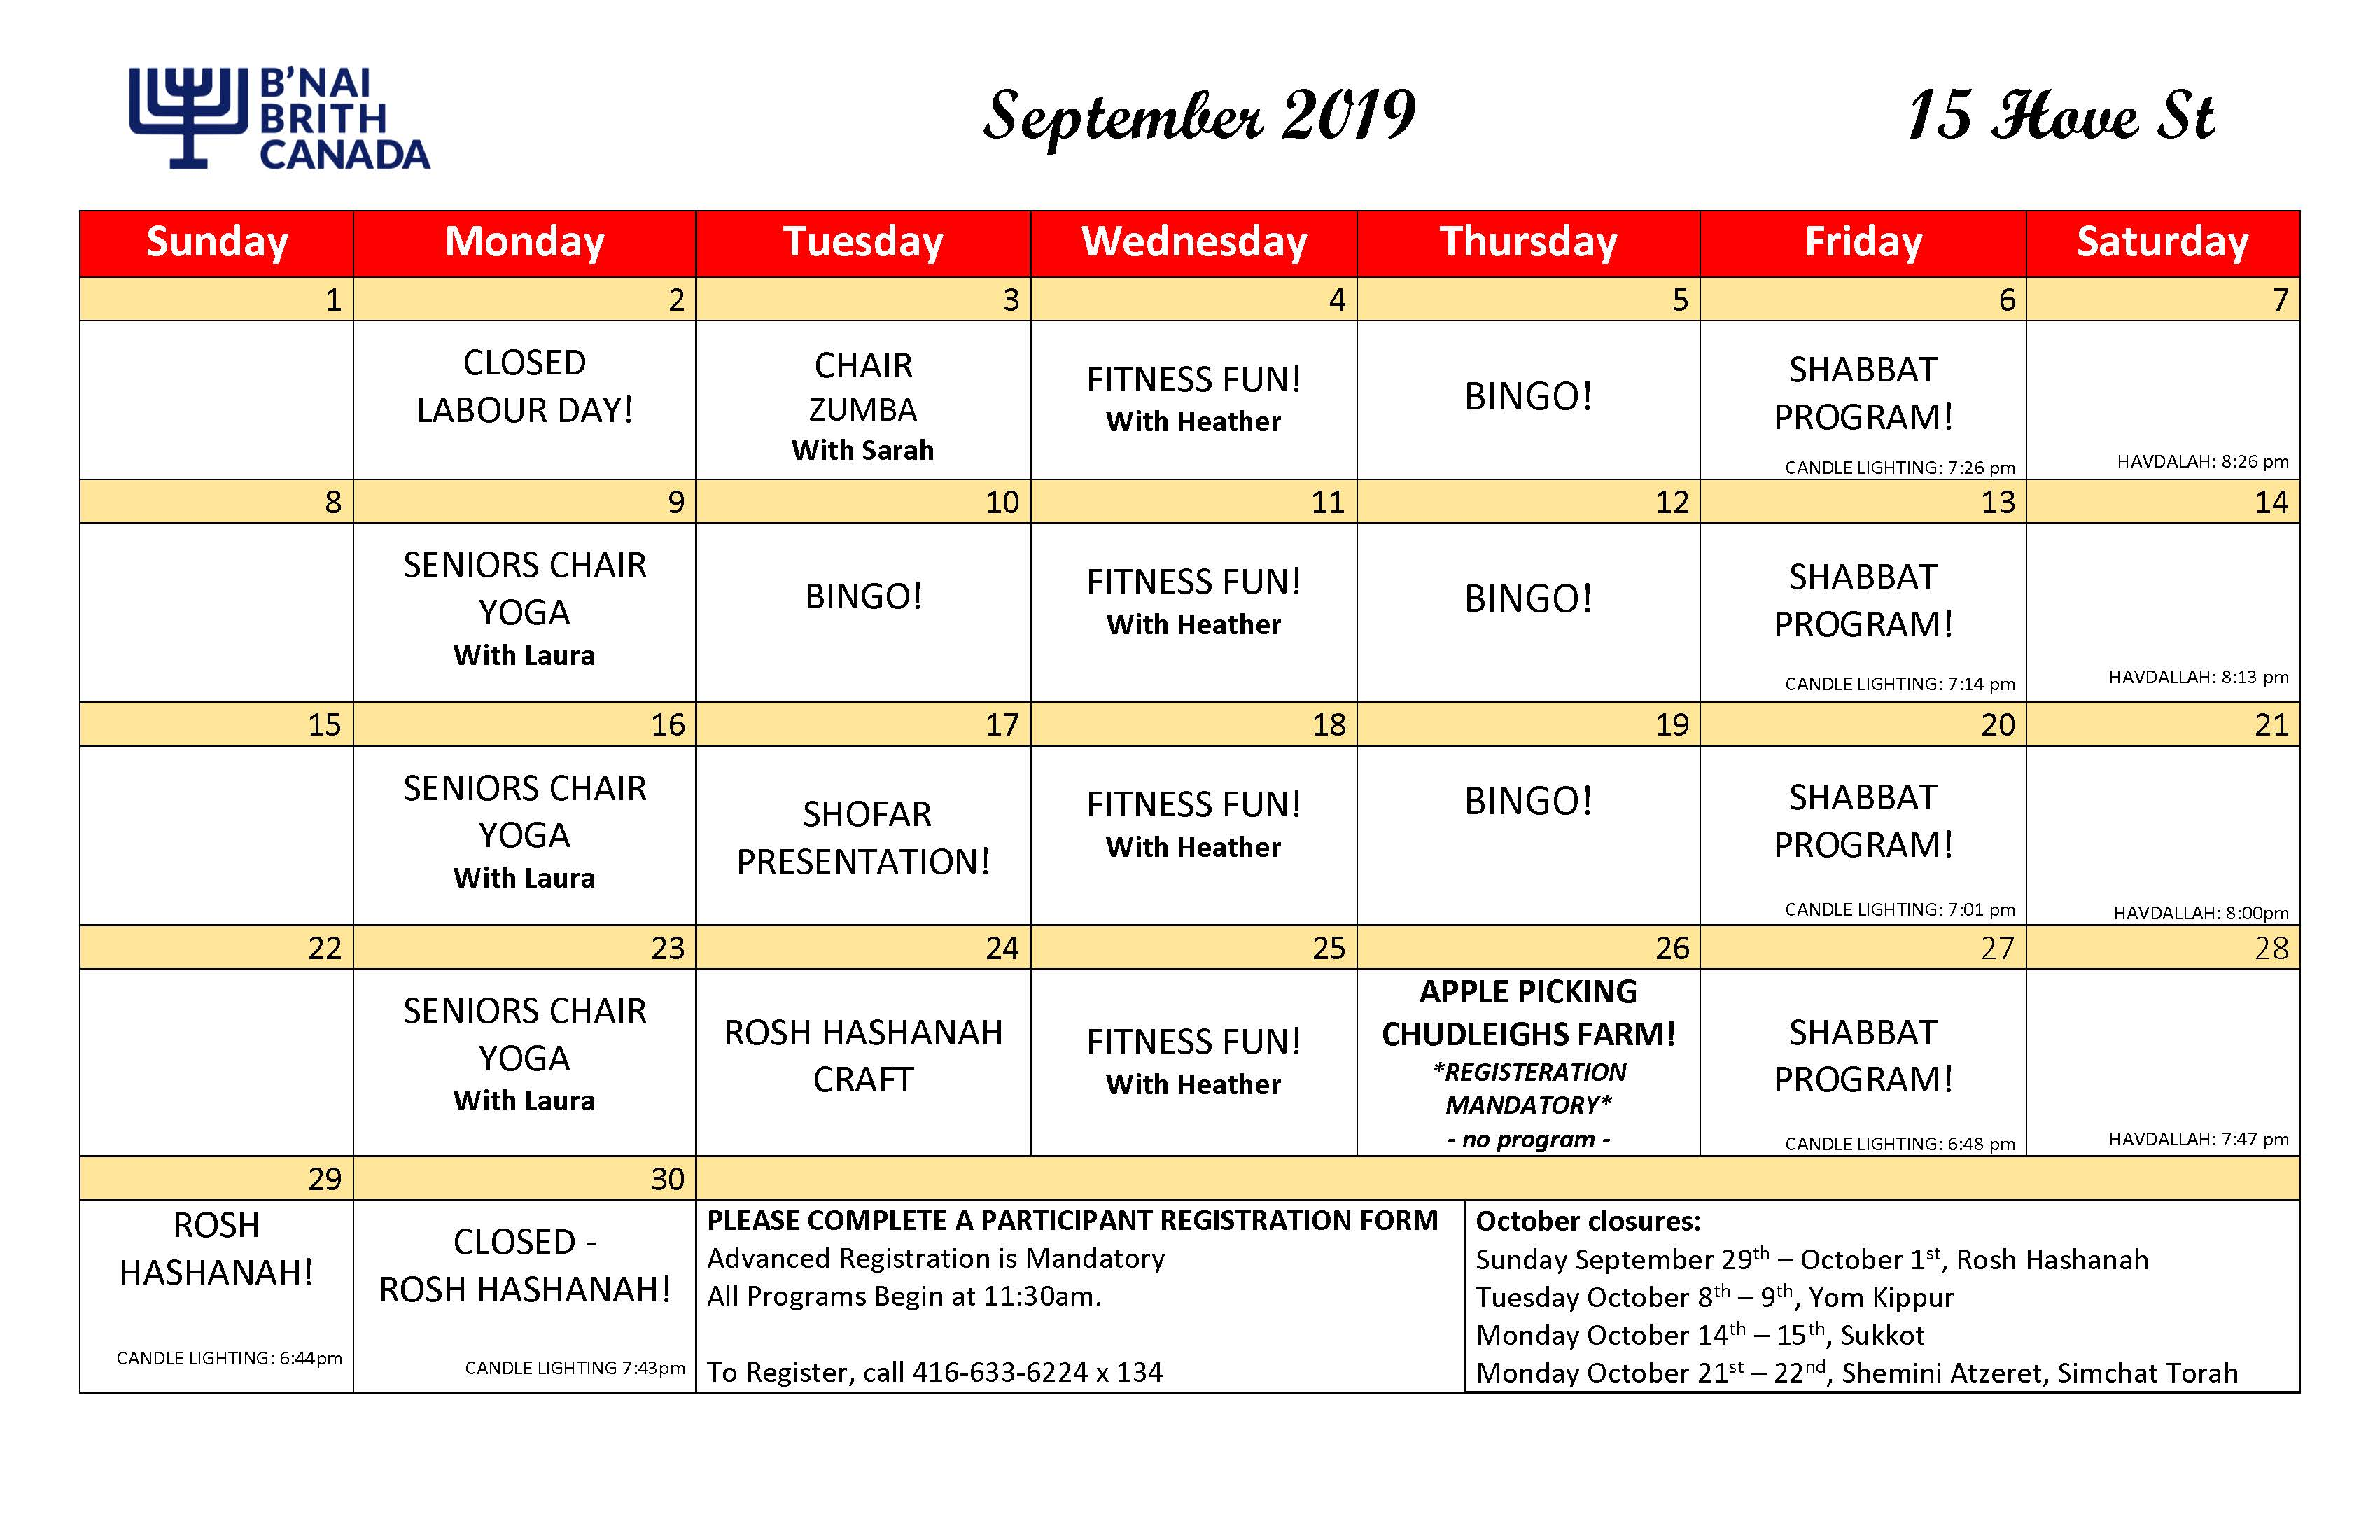 Hove_-_September_2019_Calendar.jpg